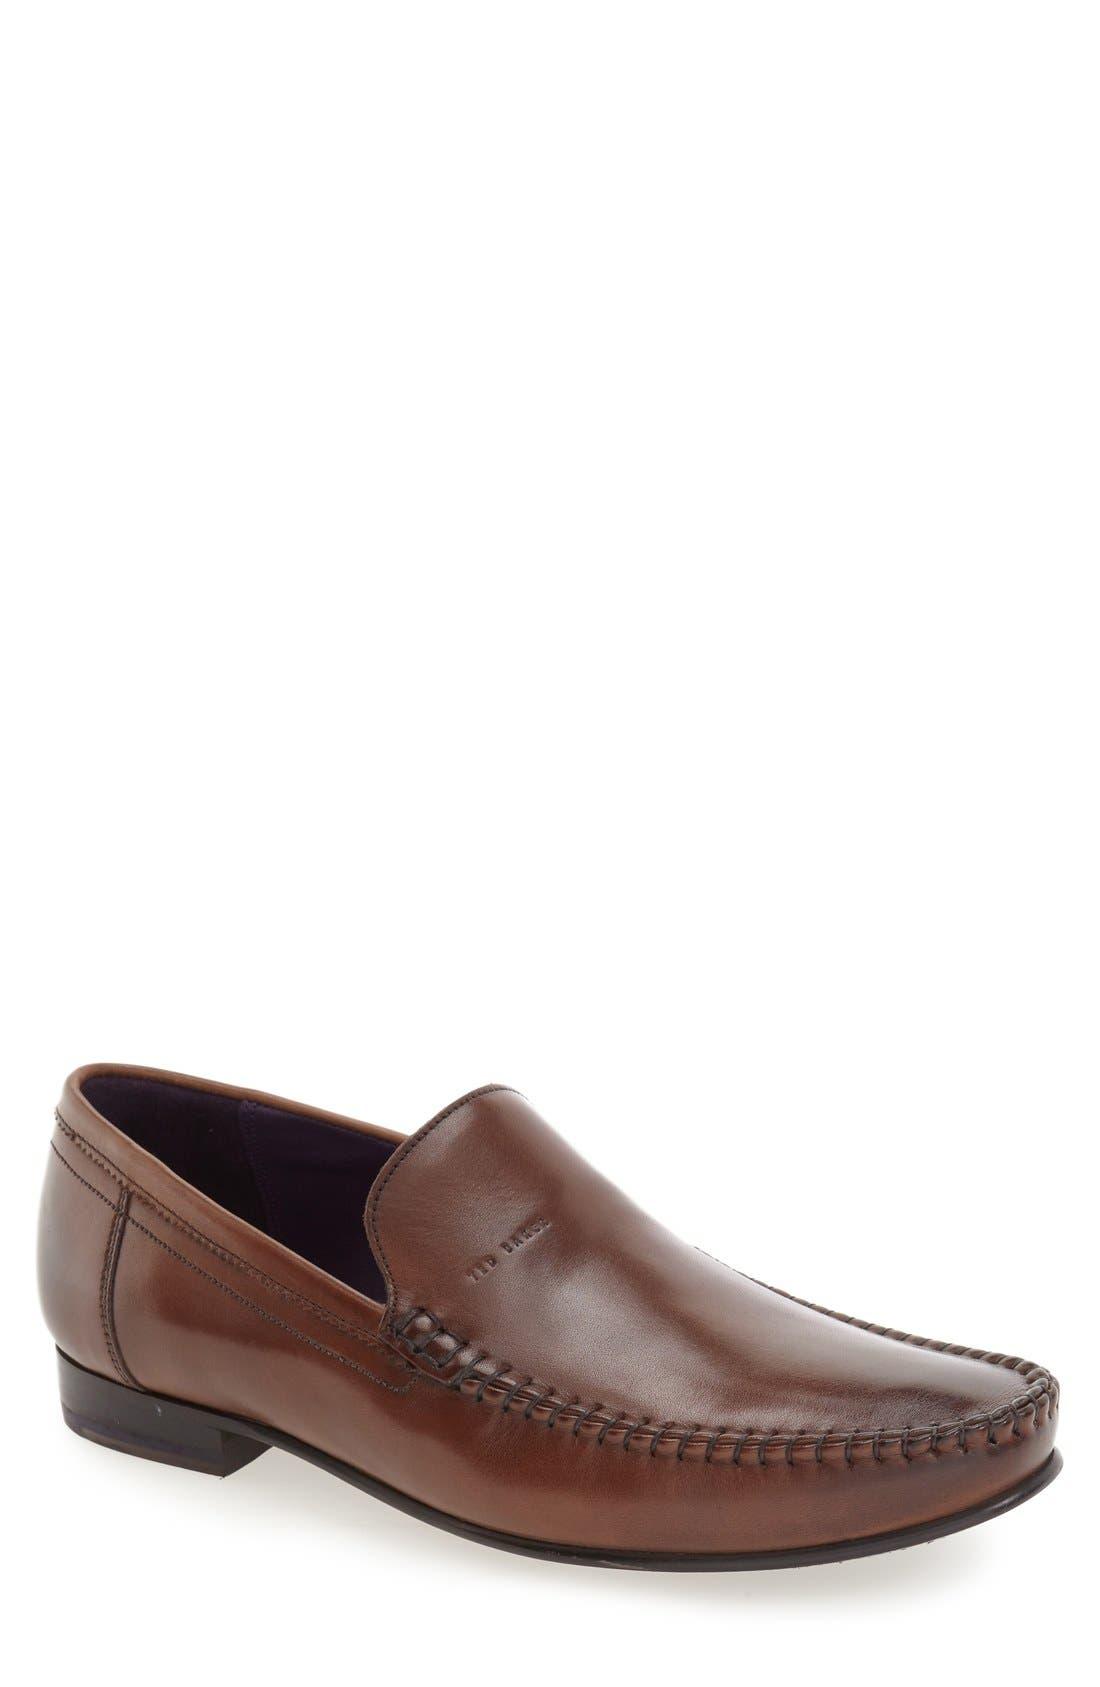 'Simeen 3' Venetian Loafer,                             Main thumbnail 1, color,                             Brown